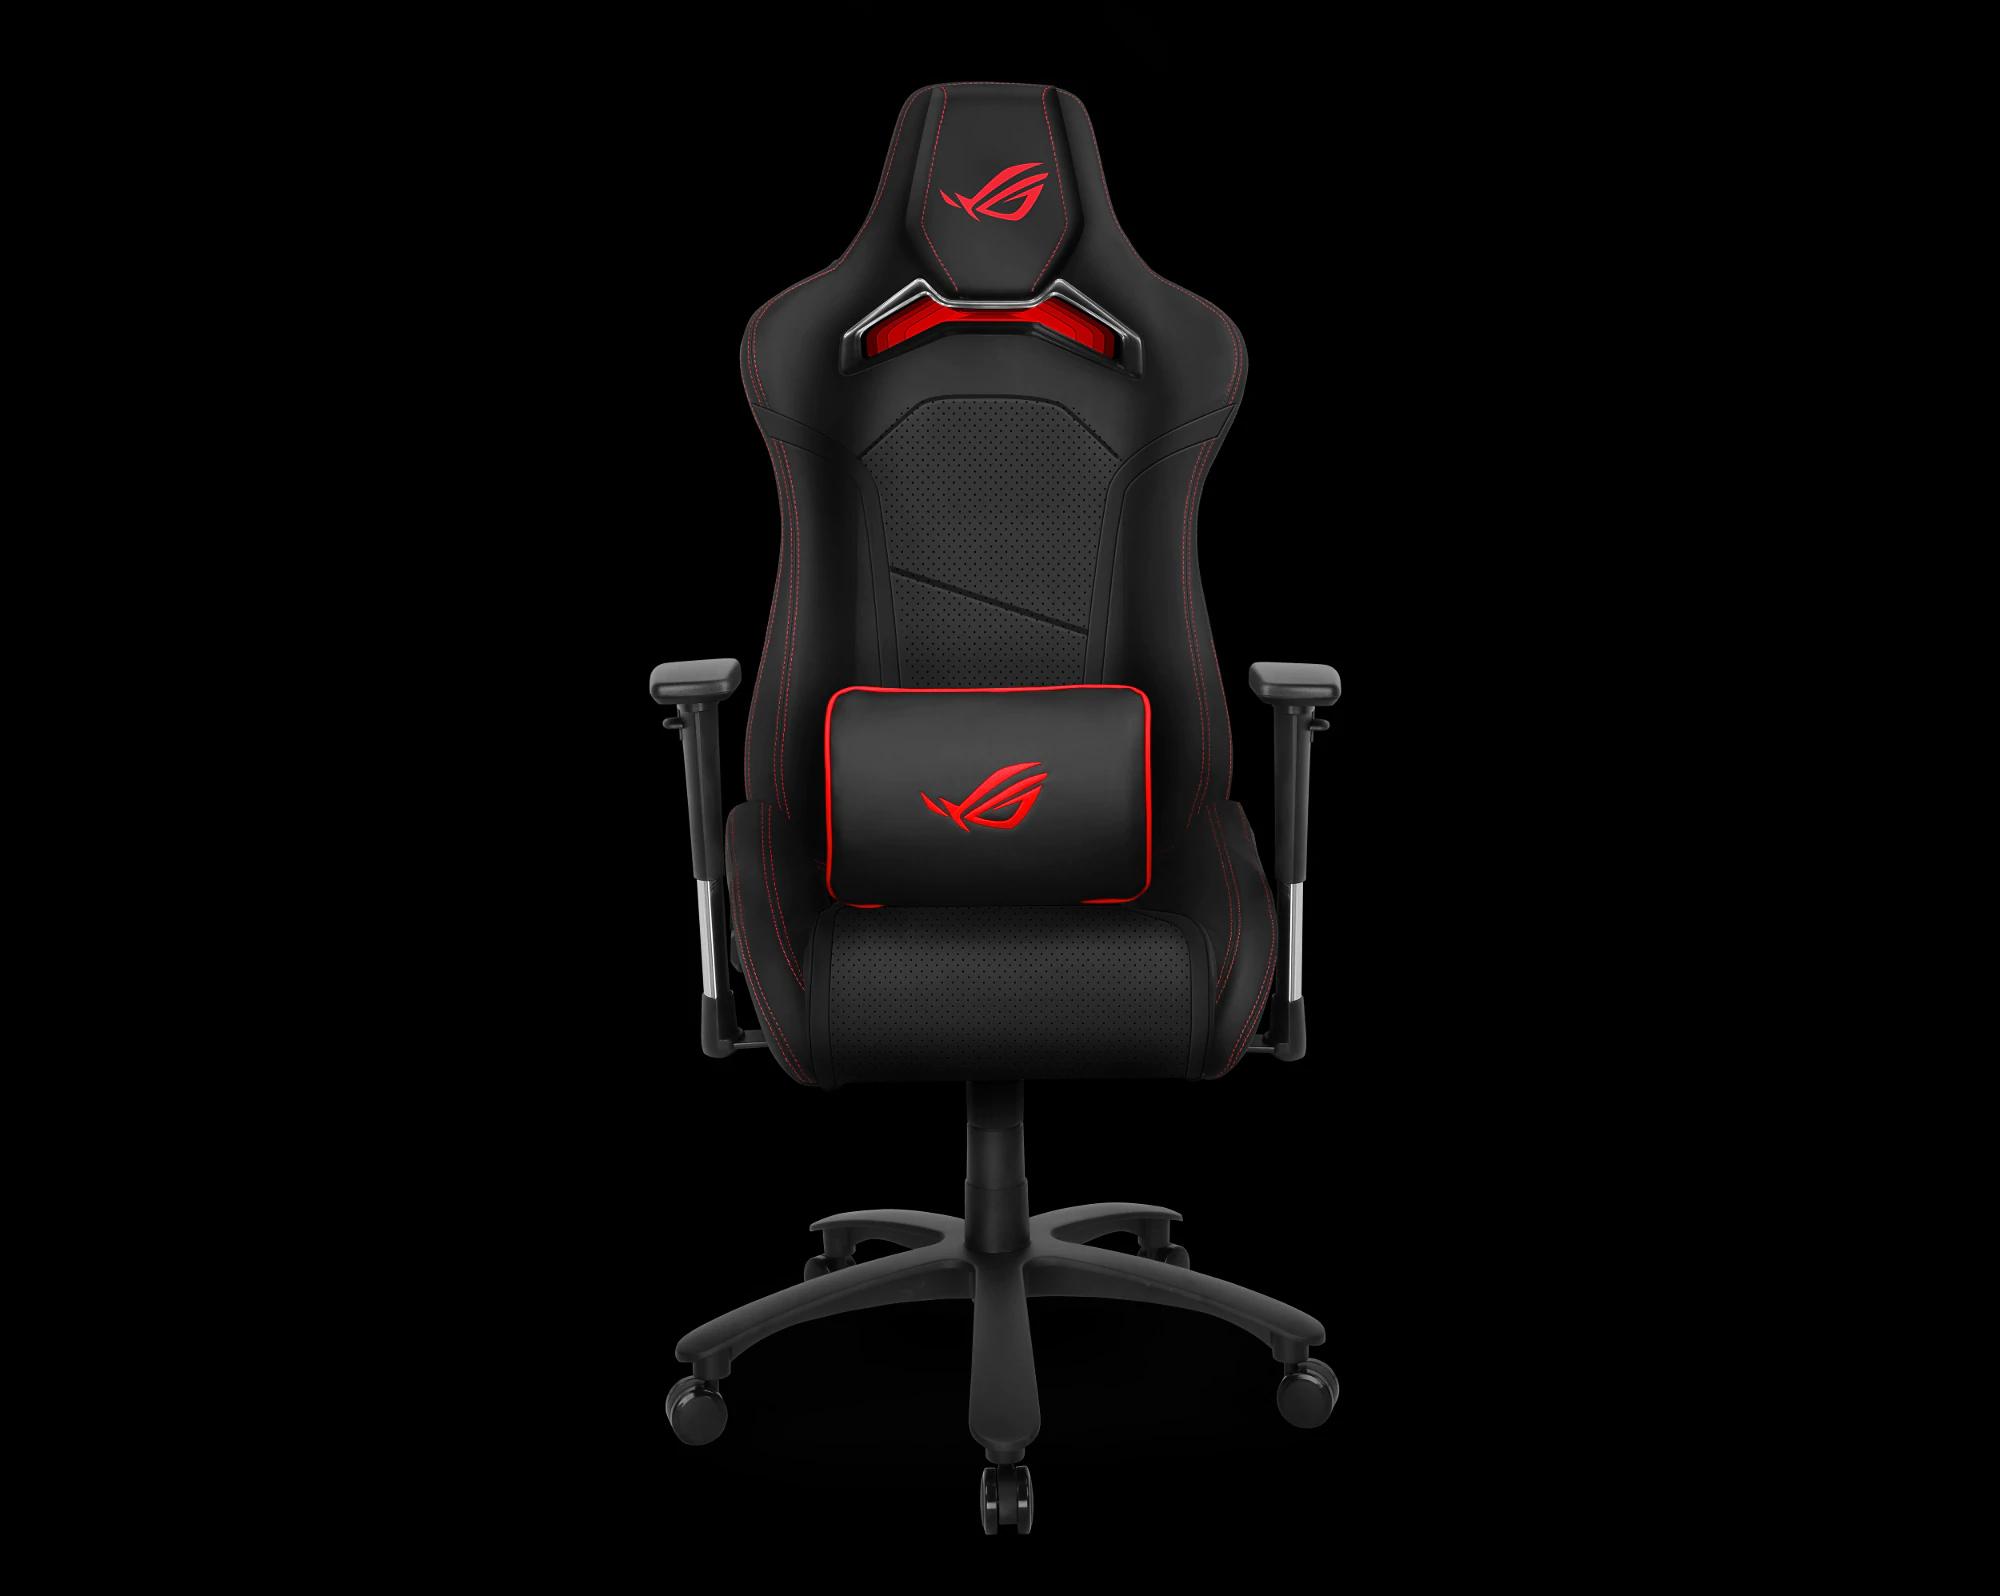 Asus ROG Chariot ya tenemos una nueva silla gaming con